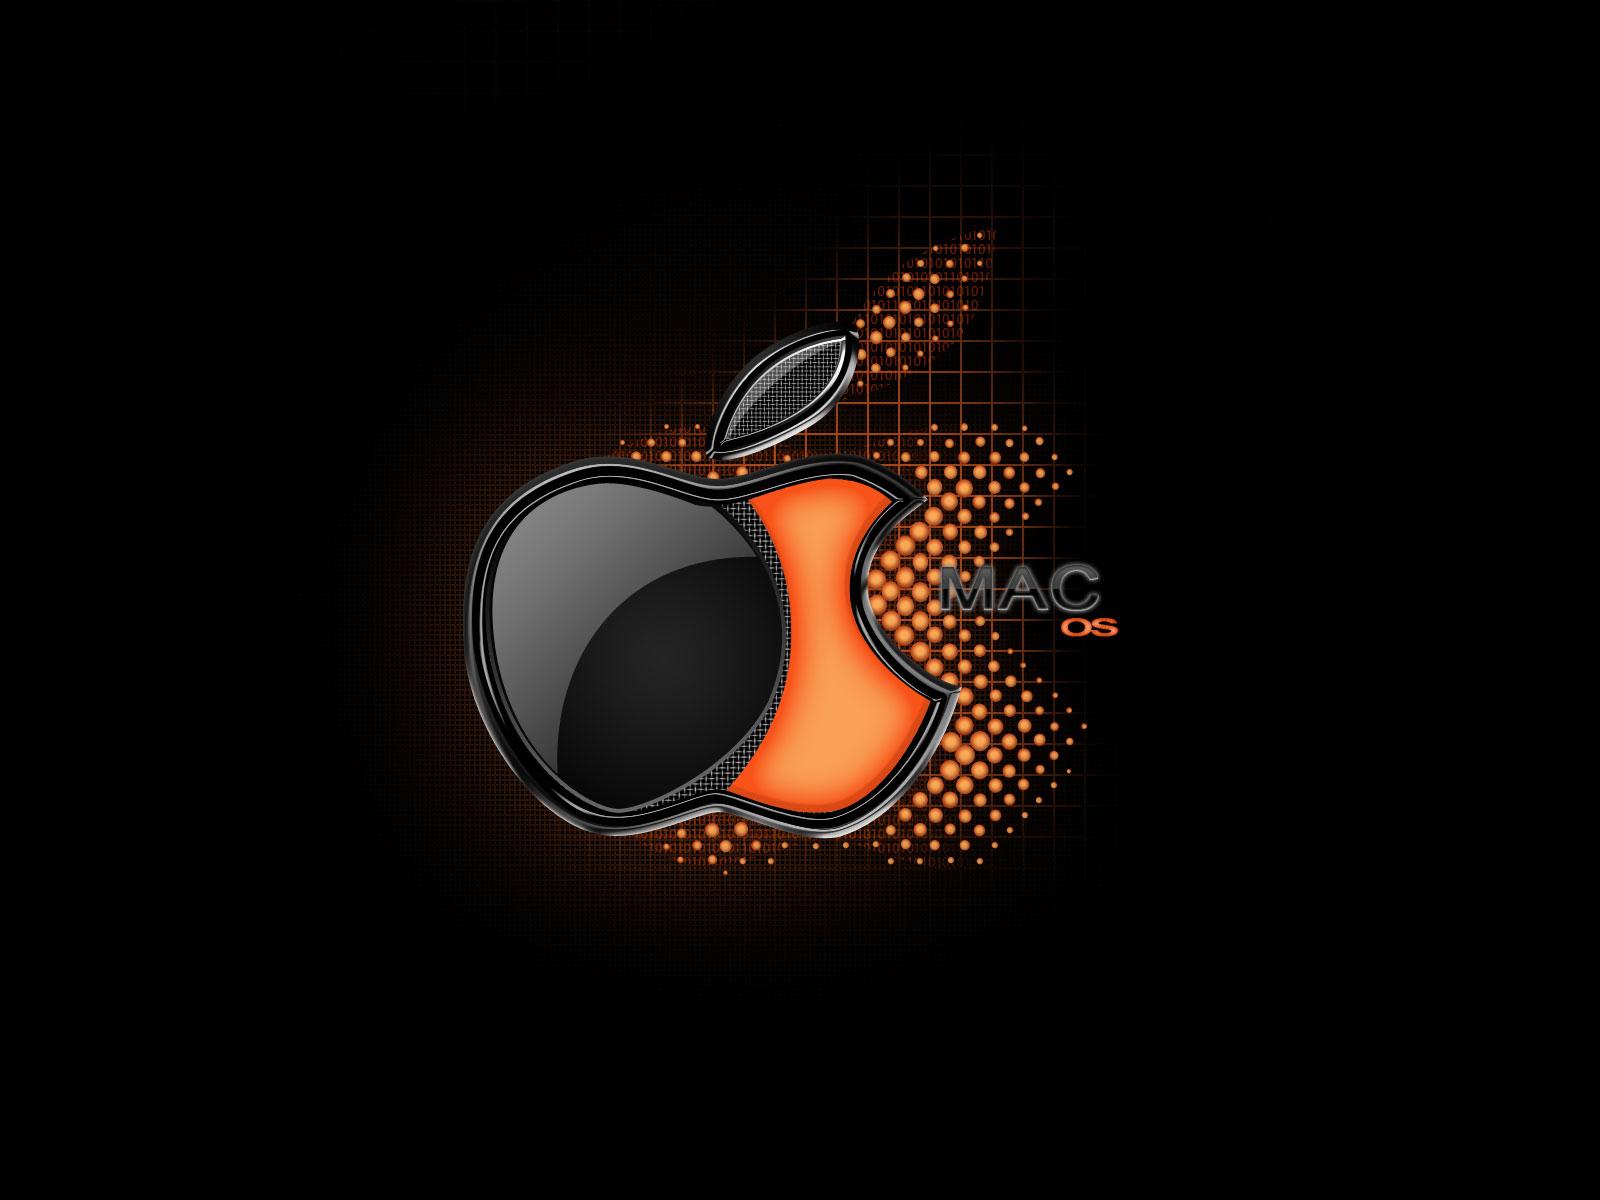 http://2.bp.blogspot.com/_pyt54oa9Ahk/TU7ICloSopI/AAAAAAAAAAQ/kW5YWk4ELj4/s1600/mac-os-x-wallpaper.jpg